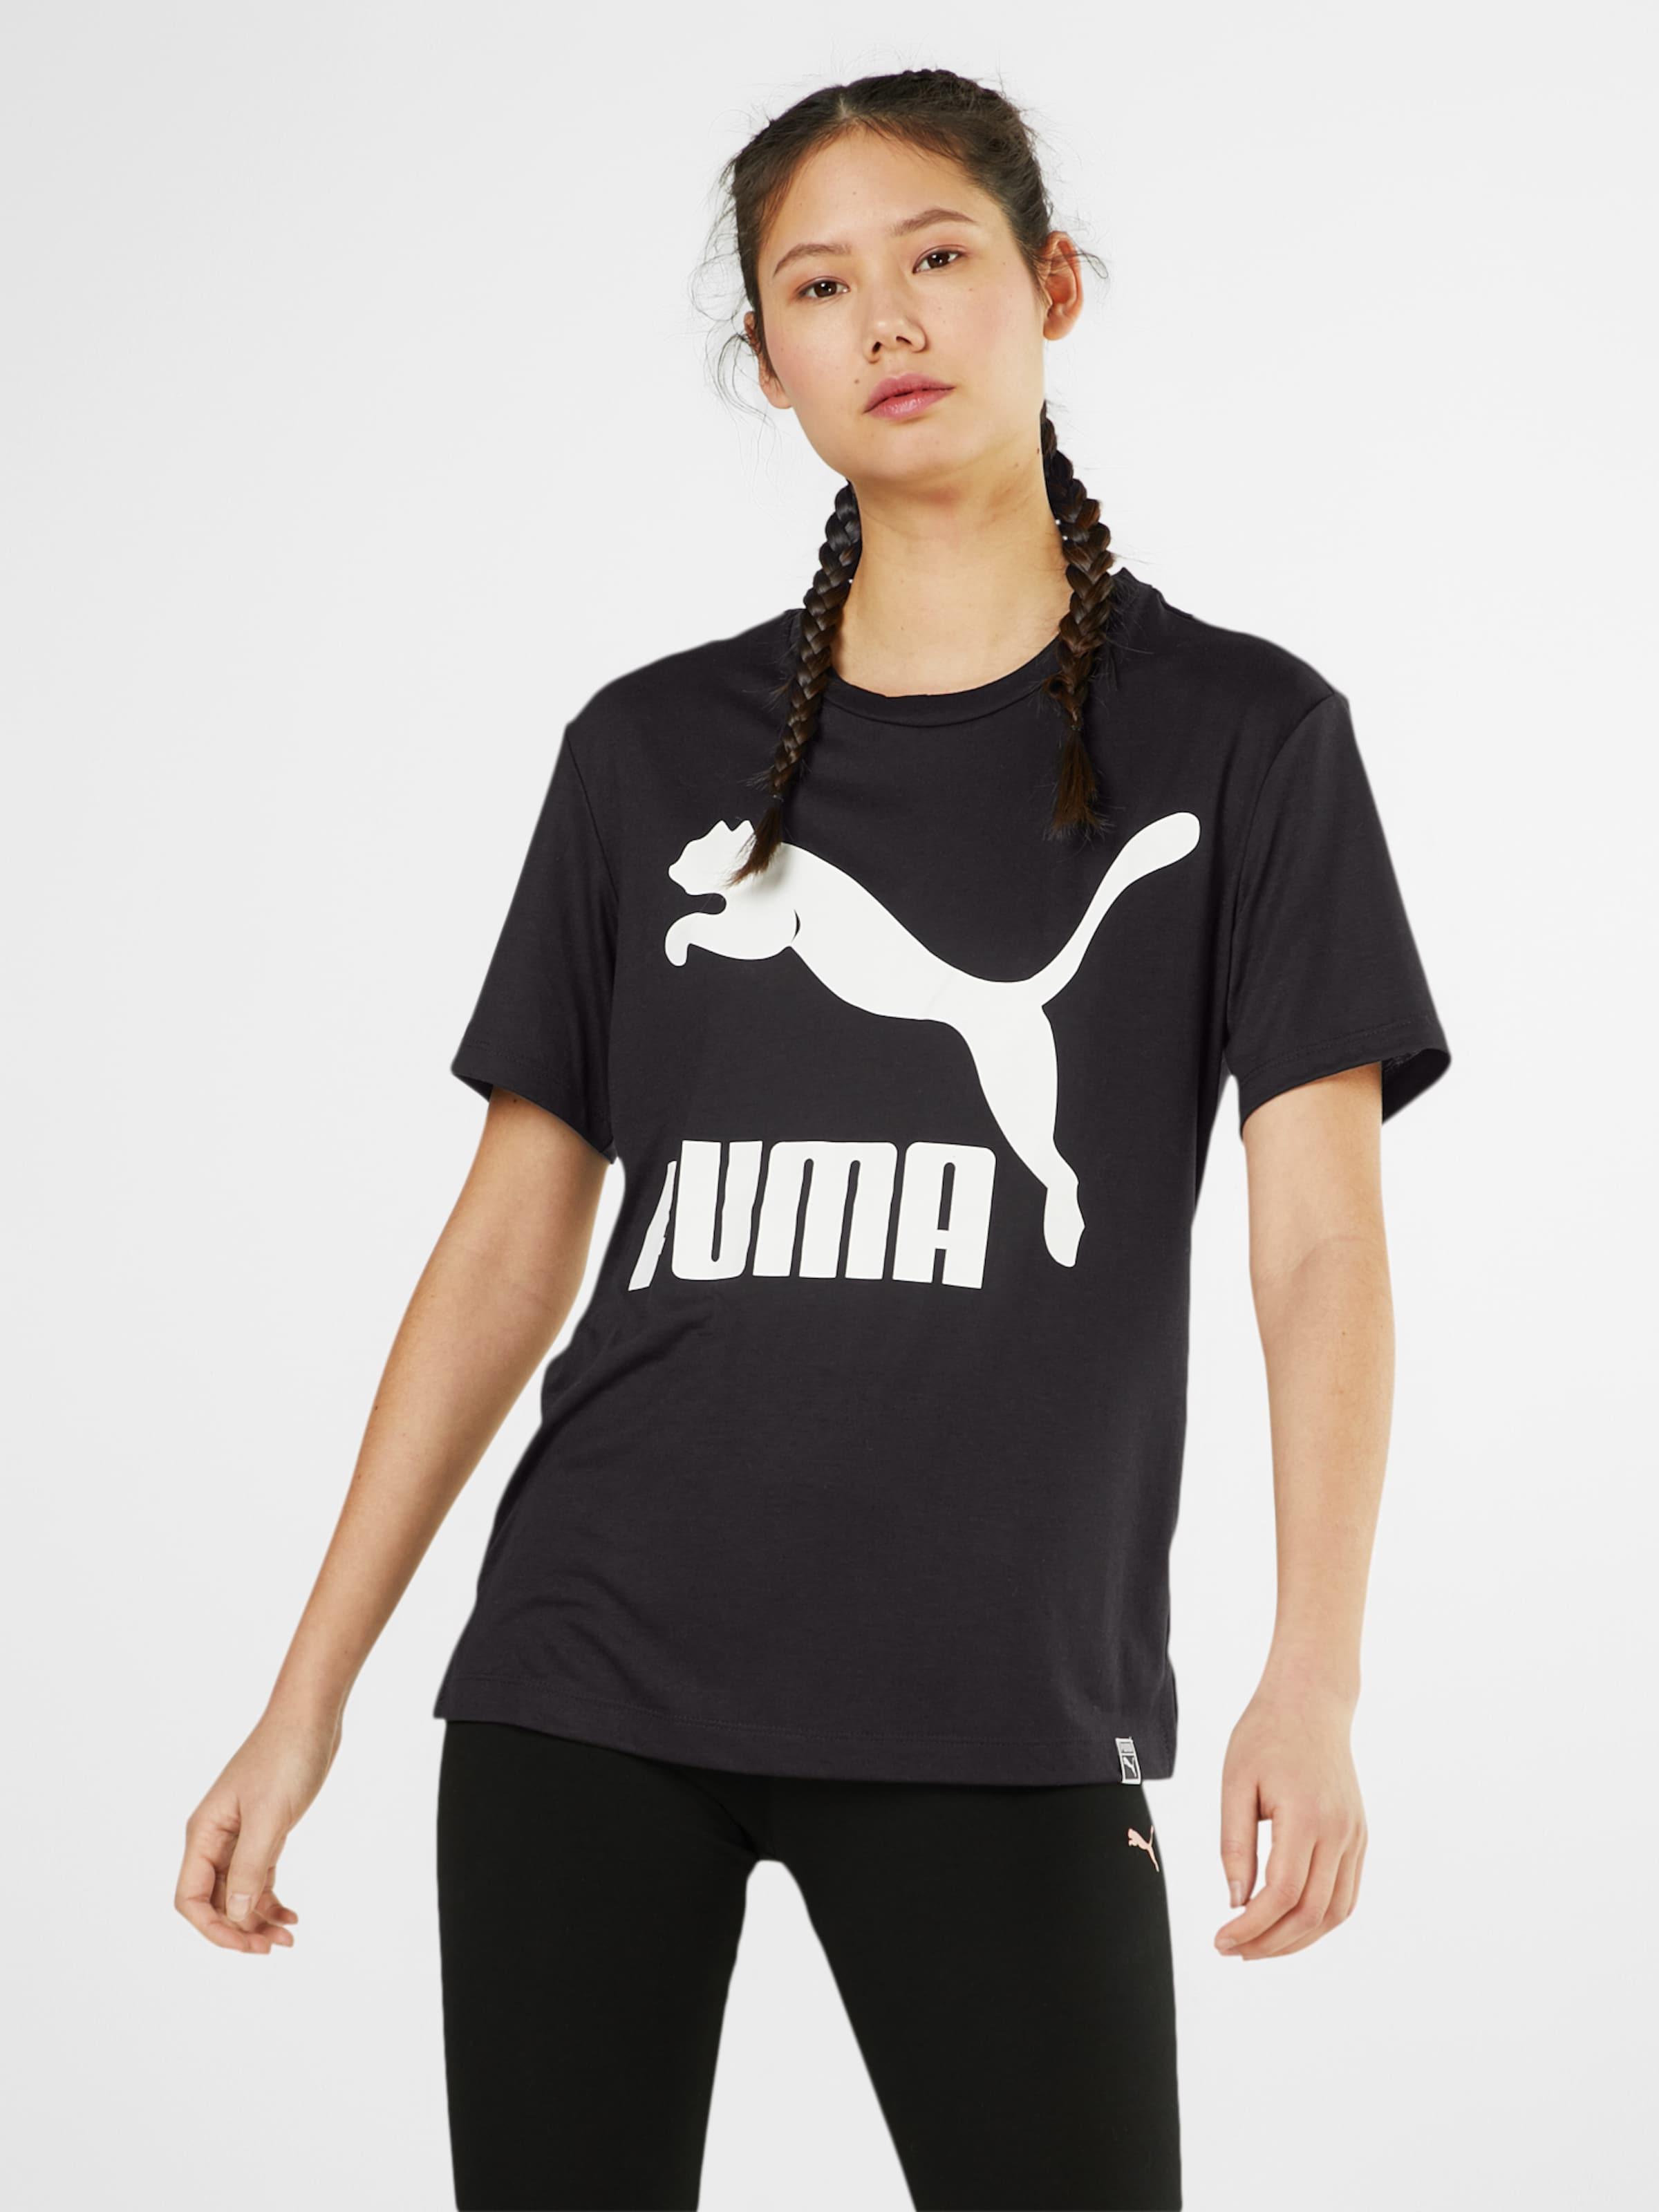 Shirt T Shirt Shirt PUMA Shirt T PUMA PUMA PUMA T T TAtg1W